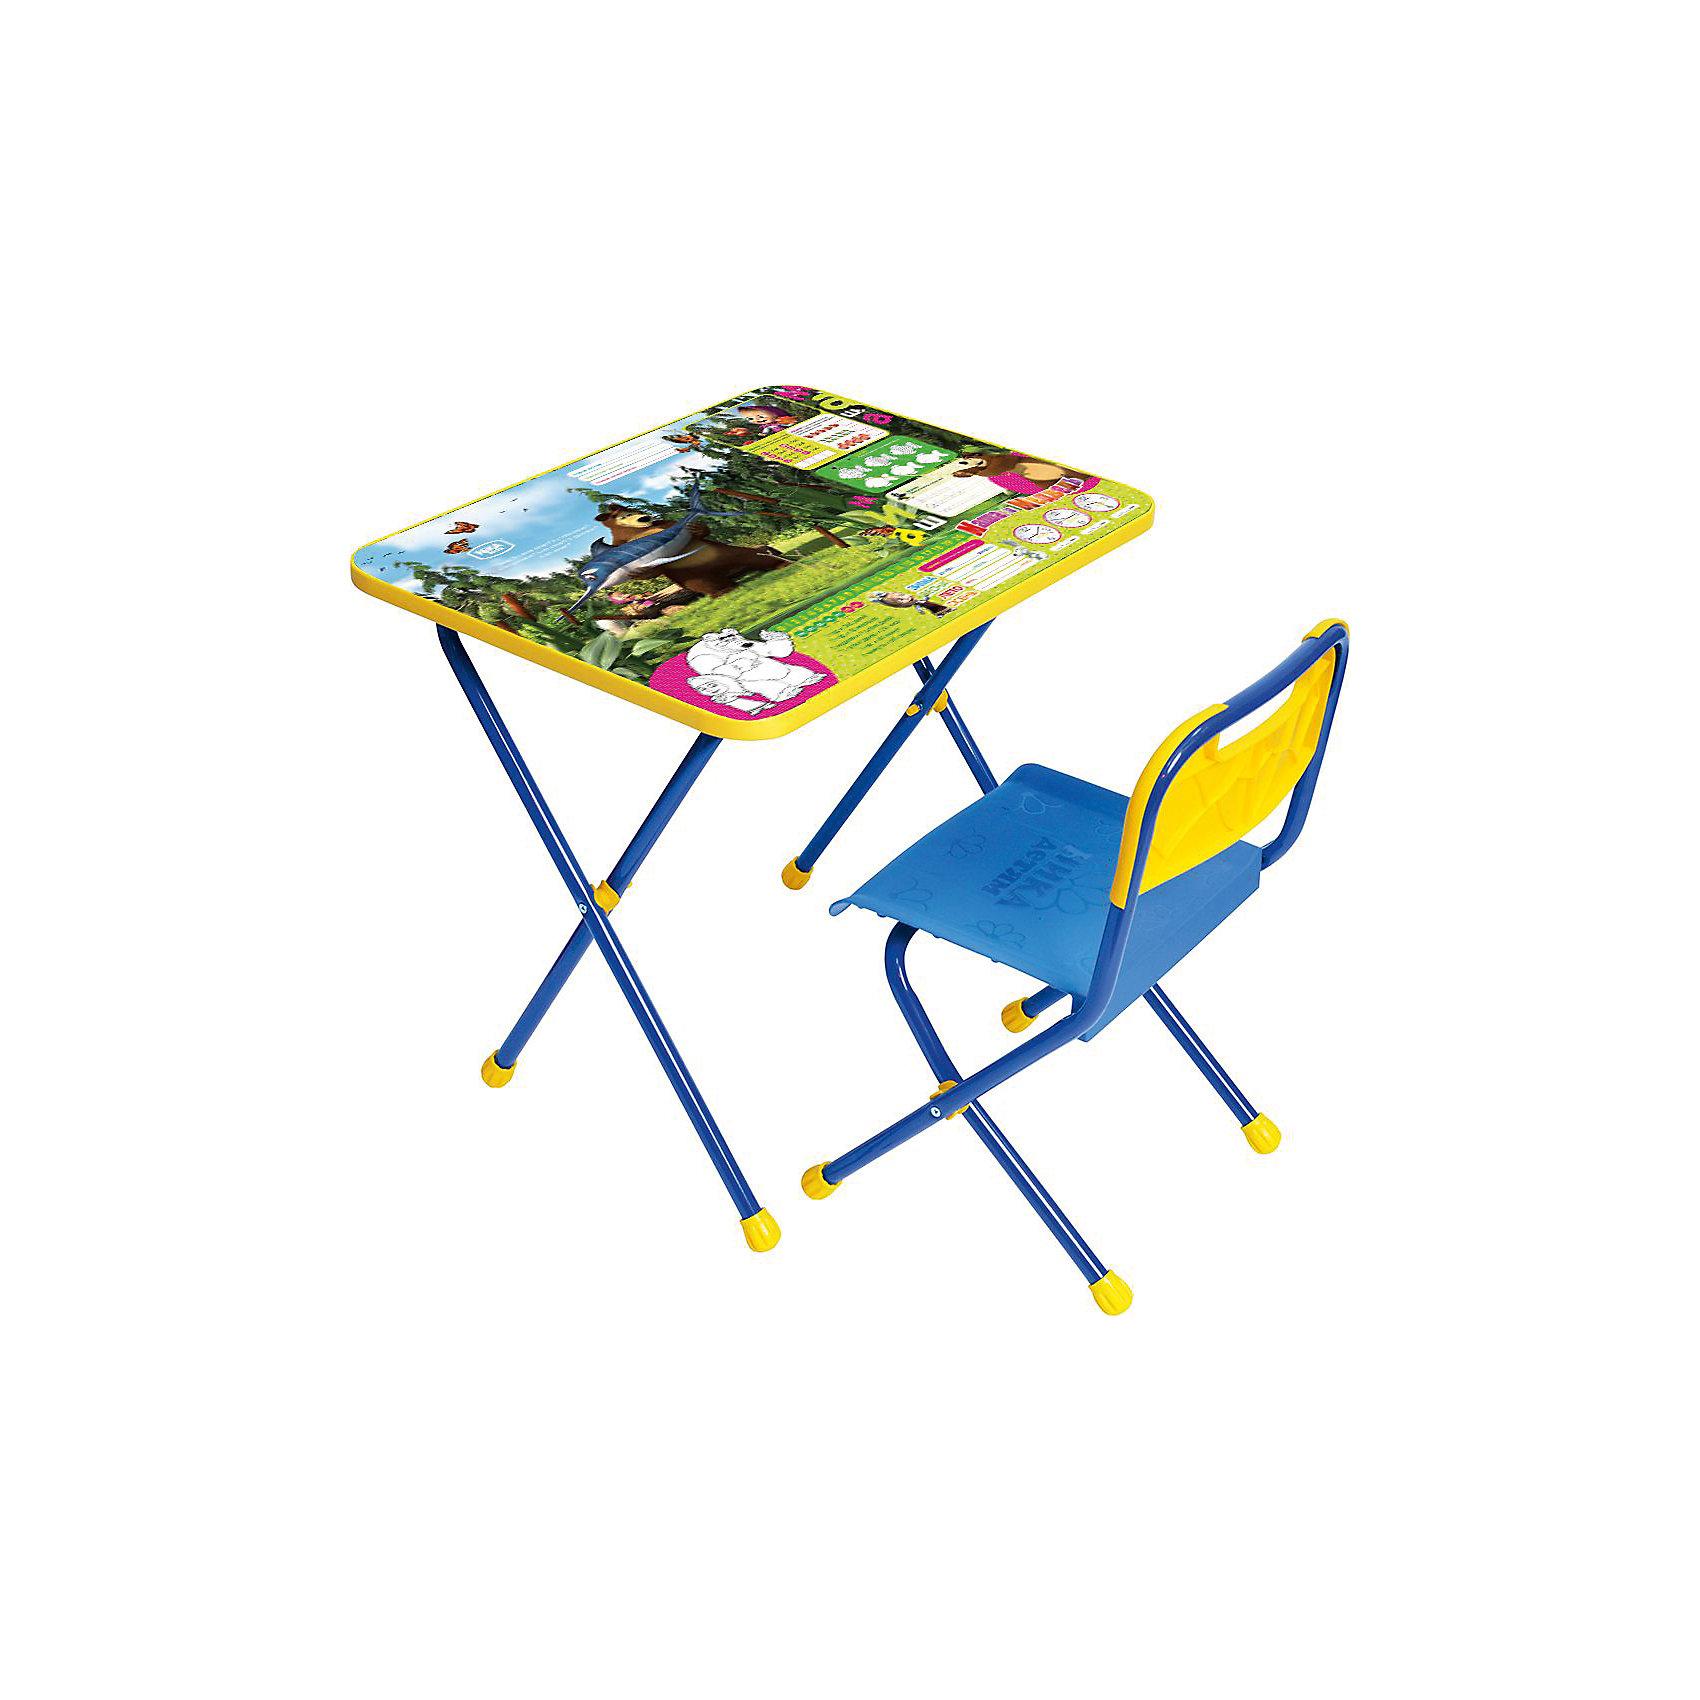 Набор мебели Познайка КП/5, Маша и Медведь. Ловись рыбка, НикаСтолы и стулья<br>Характеристики товара:<br><br>• материал: металл, пластик<br>• размер столешницы: 60х45 см<br>• высота стола: 52 см<br>• сиденье: 26х29 см<br>• высота до сиденья: 30 см<br>• высота со спинкой 55 см<br>• размер упаковки: 75х15х61 см<br>• вес в упаковке: 7,5 кг<br>• складной<br>• на столешнице - полезные рисунки<br>• на ламинированной поверхности стола можно рисовать маркером на водной основе<br>• на ножках пластмассовые наконечники<br>• складной<br>• возраст: от 1,5 до 3 лет<br>• страна бренда: Российская Федерация<br>• страна производства: Российская Федерация<br><br>Детская мебель может быть удобной и эргономичной! Этот комплект разработан специально для детей от полутора до трех лет. Он легко складывается и раскладывается, занимает немного места, легко моется. Каркас сделан из прочного, но легкого металла, а на ножках установлены пластмассовые наконечники для защиты напольного покрытия. Столешница украшена полезными познавательными рисунками. Отличное решение как для кормления малыша, так и для игр, творчества и развивающих занятий!<br>Правильно подобранная мебель помогает ребенку расти здоровым, формироваться правильной осанке. Изделие производится из качественных сертифицированных материалов, безопасных даже для самых маленьких.<br><br>Набор мебели Познайка, Маша и Медведь. Ловись рыбка от бренда Ника можно купить в нашем интернет-магазине.<br><br>Ширина мм: 750<br>Глубина мм: 155<br>Высота мм: 610<br>Вес г: 7650<br>Возраст от месяцев: 180<br>Возраст до месяцев: 36<br>Пол: Унисекс<br>Возраст: Детский<br>SKU: 5223610